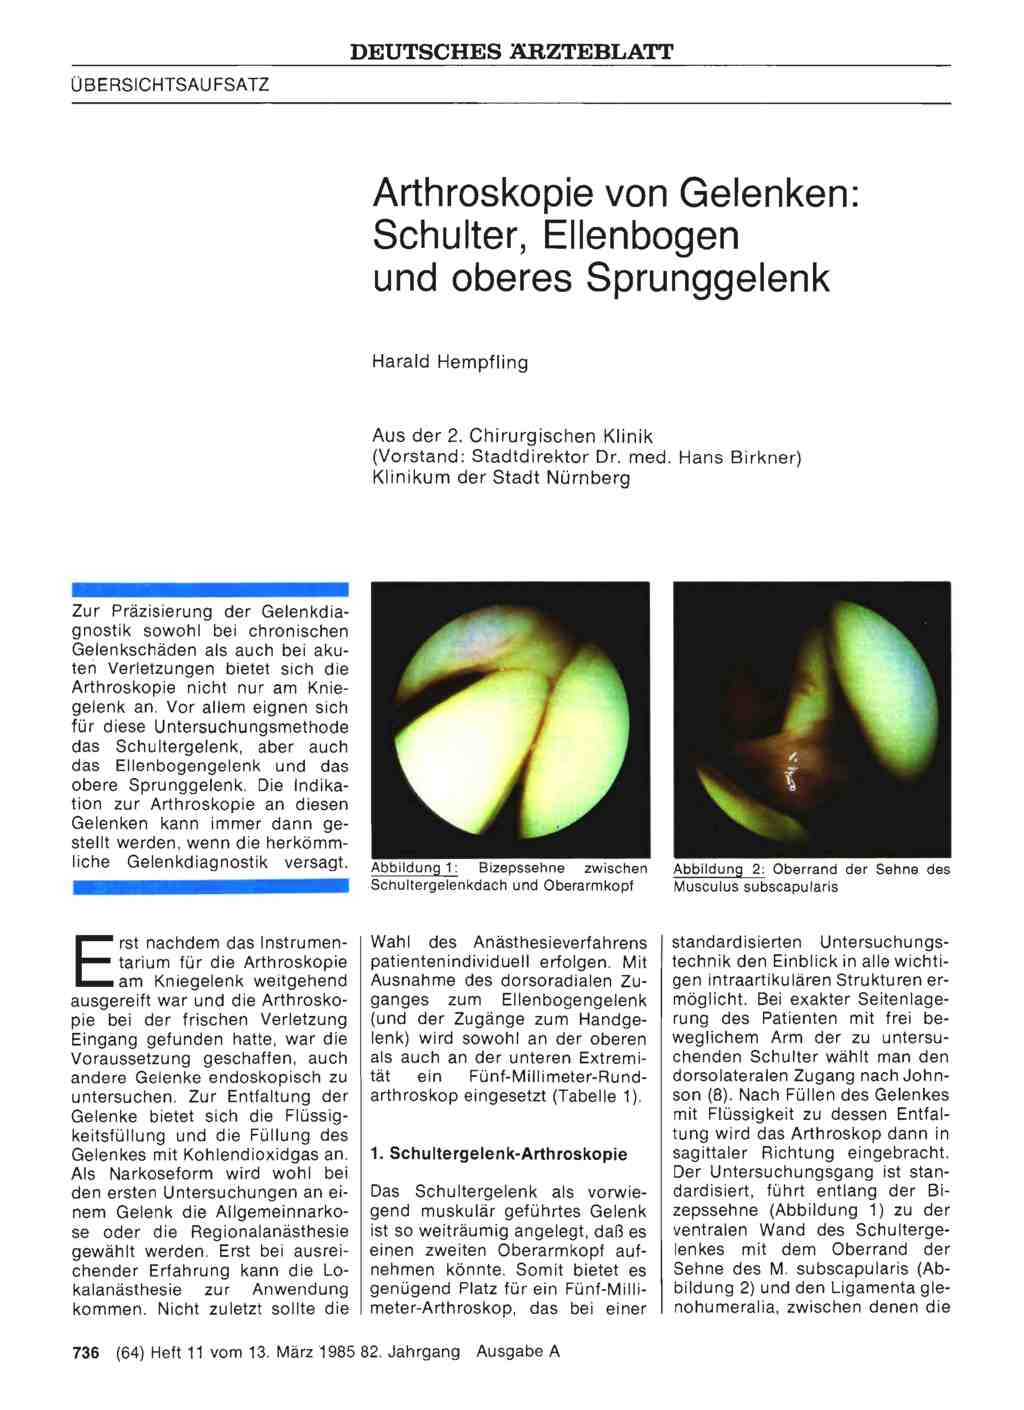 Arthroskopie von Gelenken: Schulter, Ellenbogen und oberes Sprunggelenk